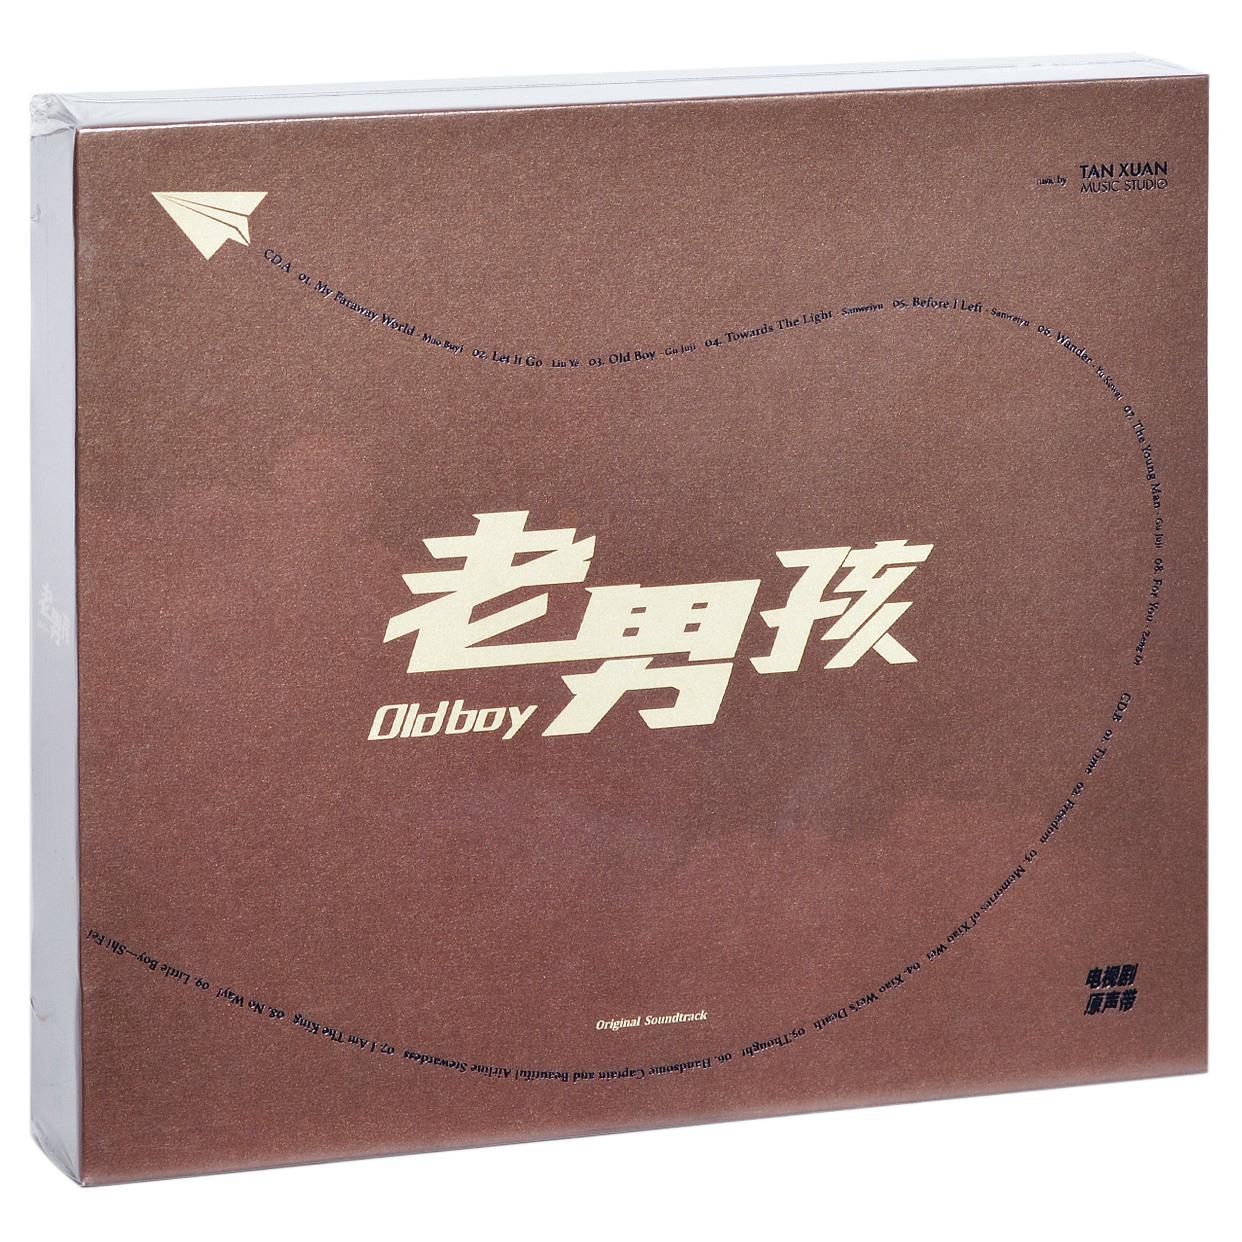 Пластинки с записями партийных речей Артикул 572003461251